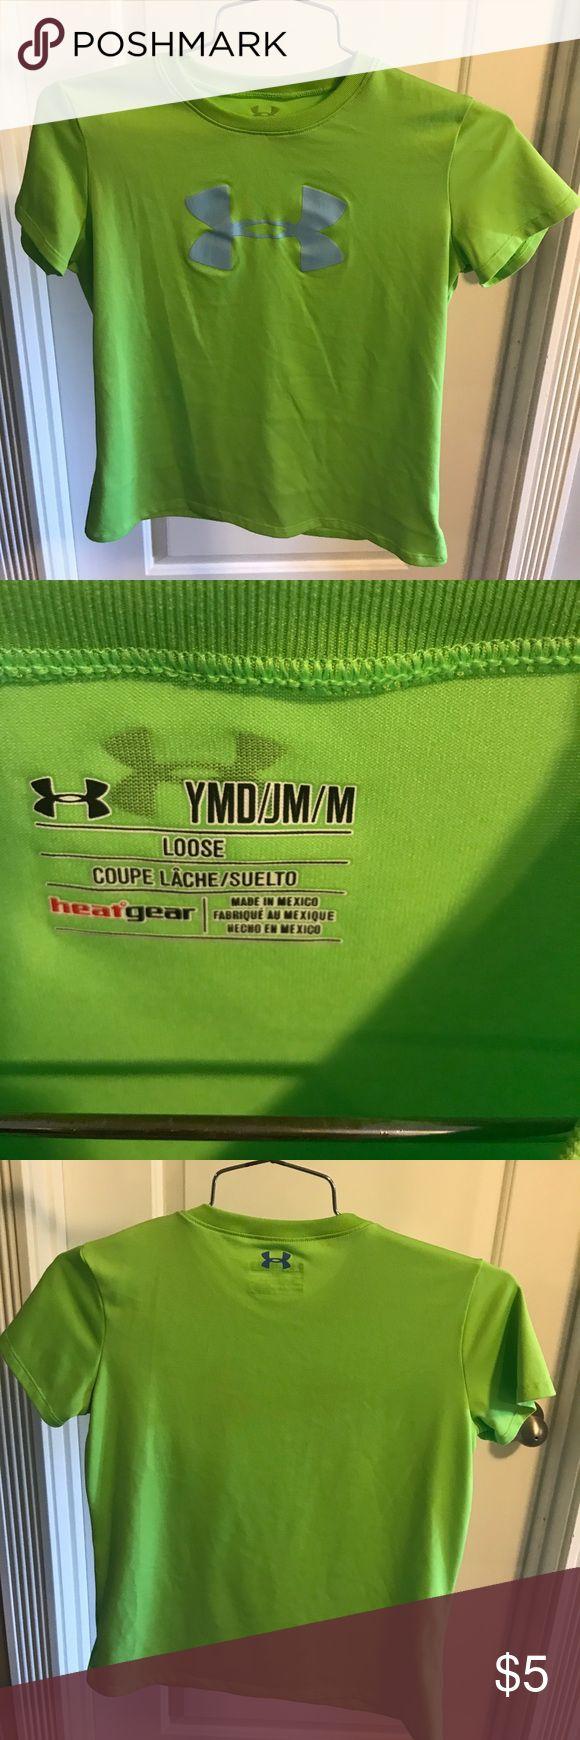 Girls Under Armour shirt!!! Lime green girls Under Armour shirt!!! Like New 💕💕 Under Armour Shirts & Tops Tees - Short Sleeve